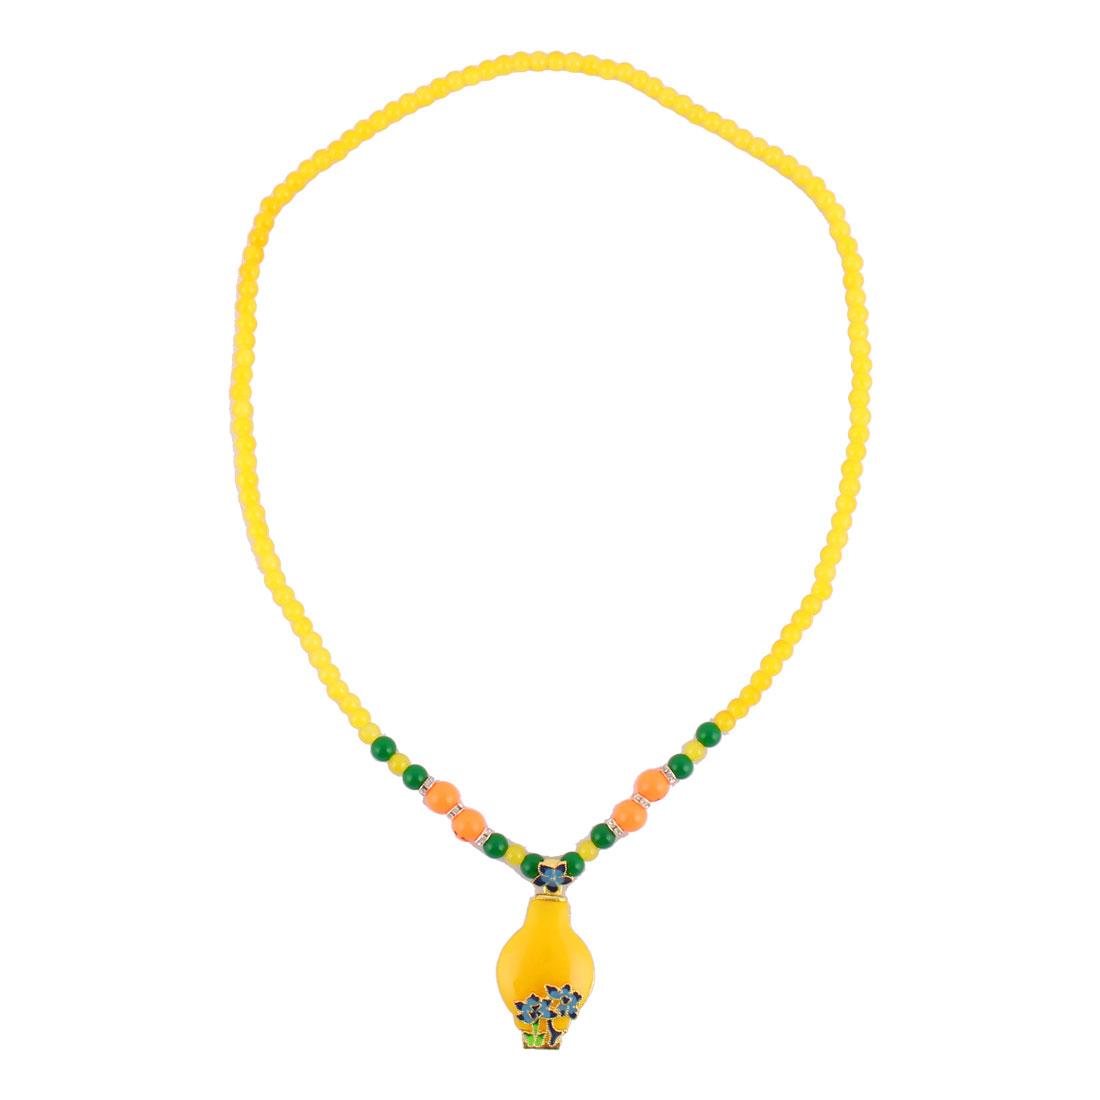 Outdoor Woman Plastic Bead Flower Decor Pendant Necklet Necklace Ornament